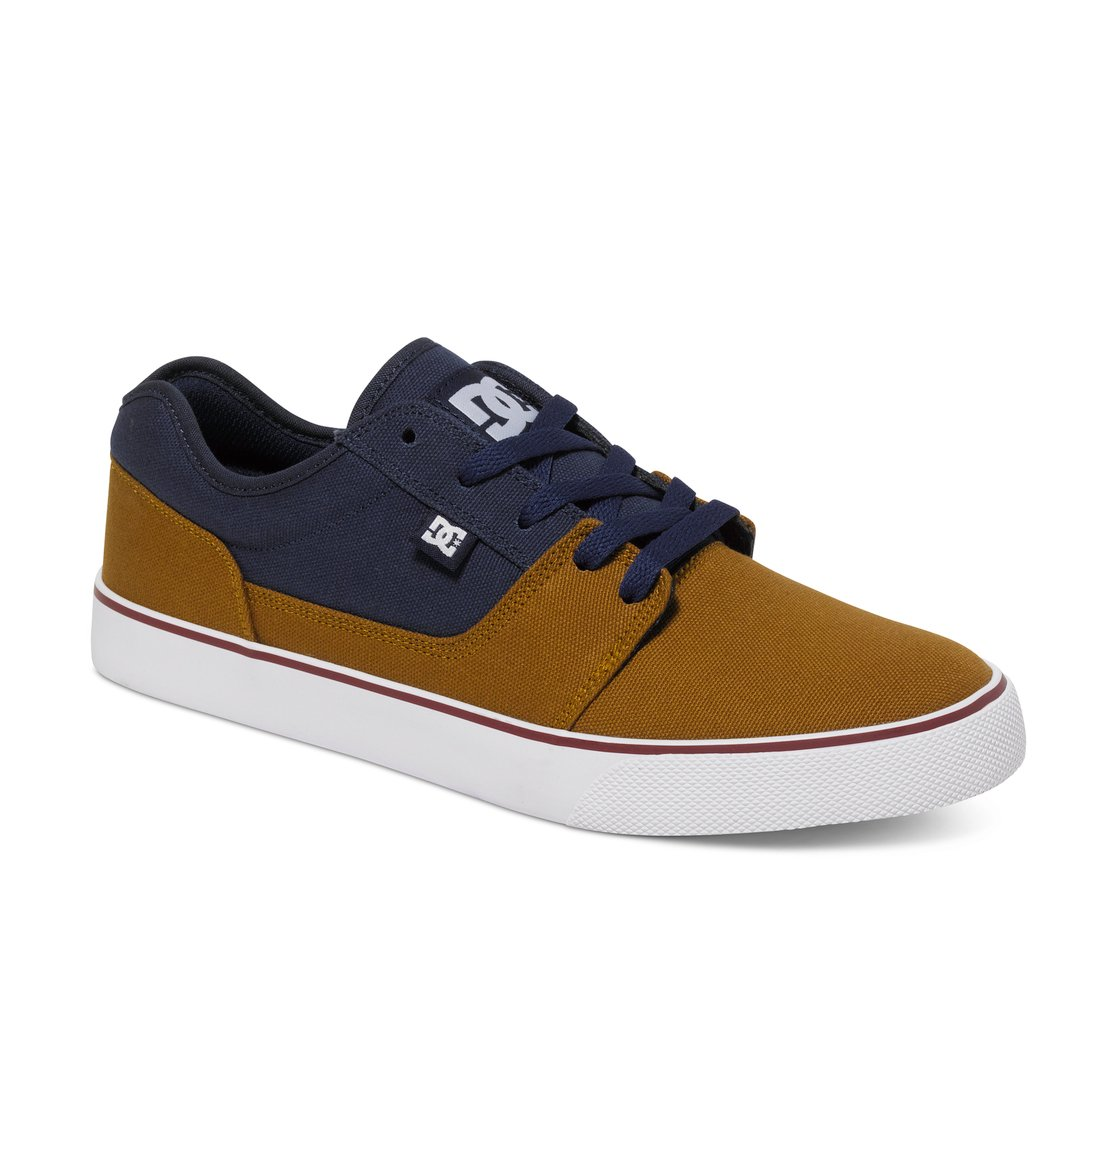 Купить Обувь   Tonik TX